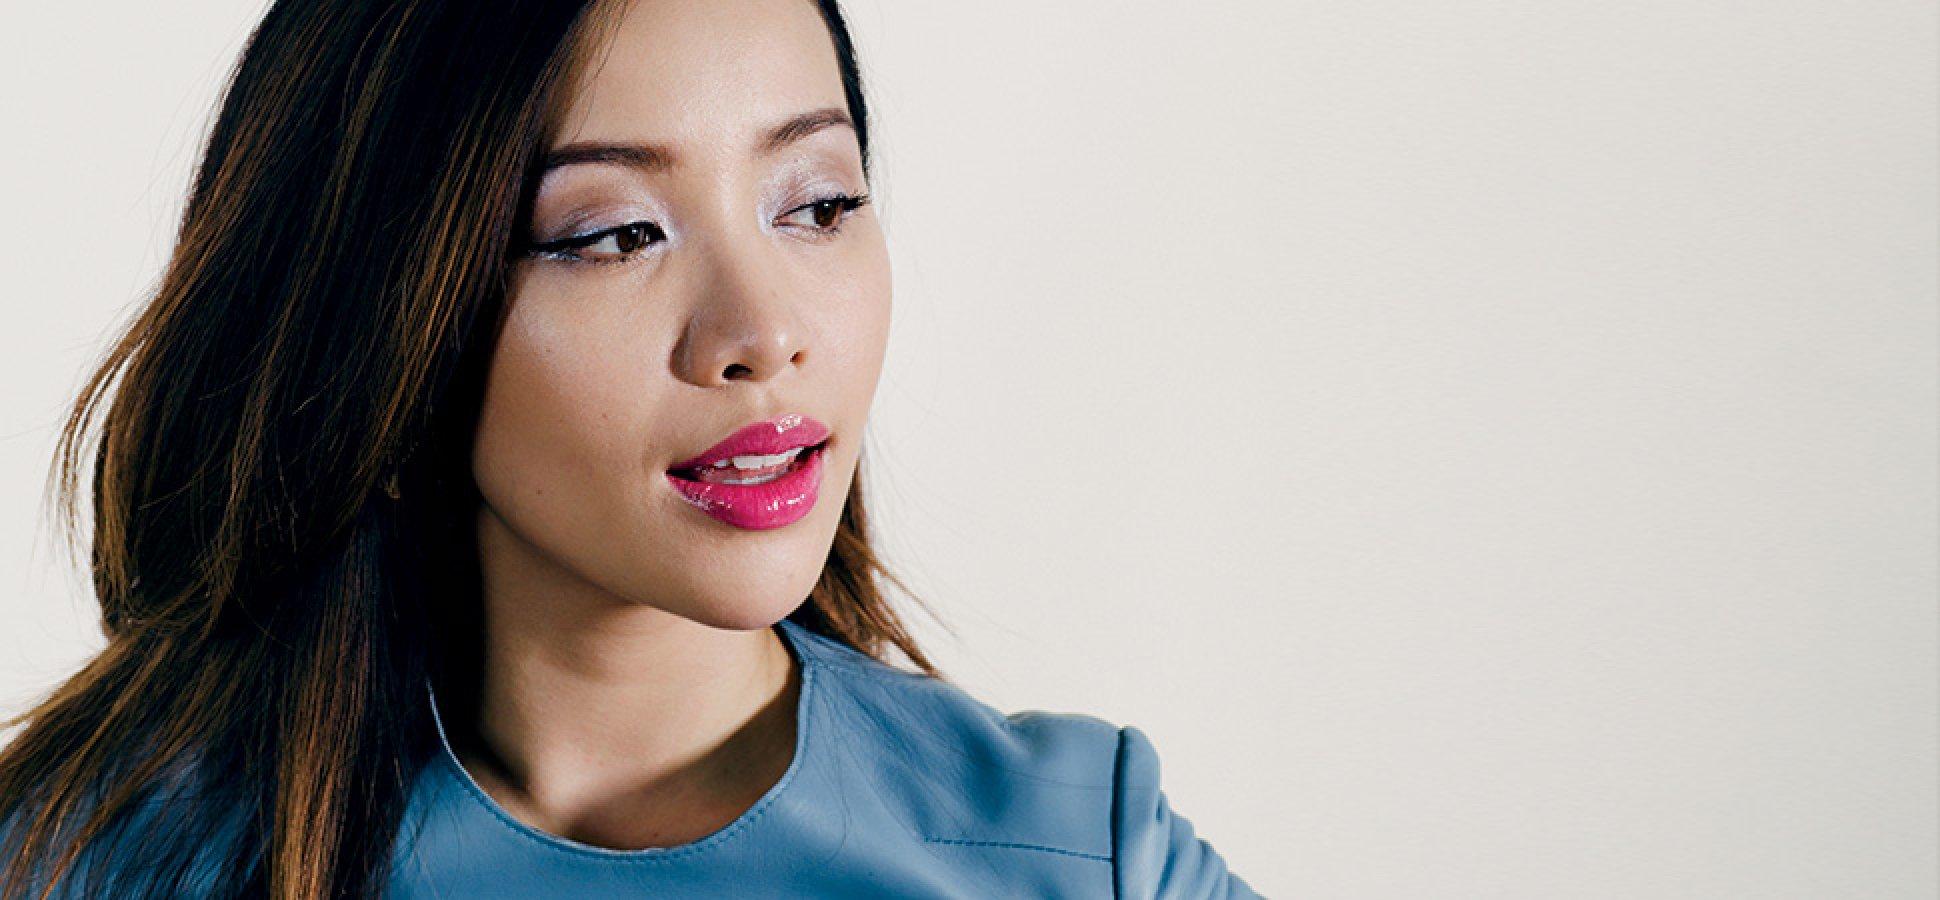 Michelle Phan có quan điểm cạnh tranh trong công việc